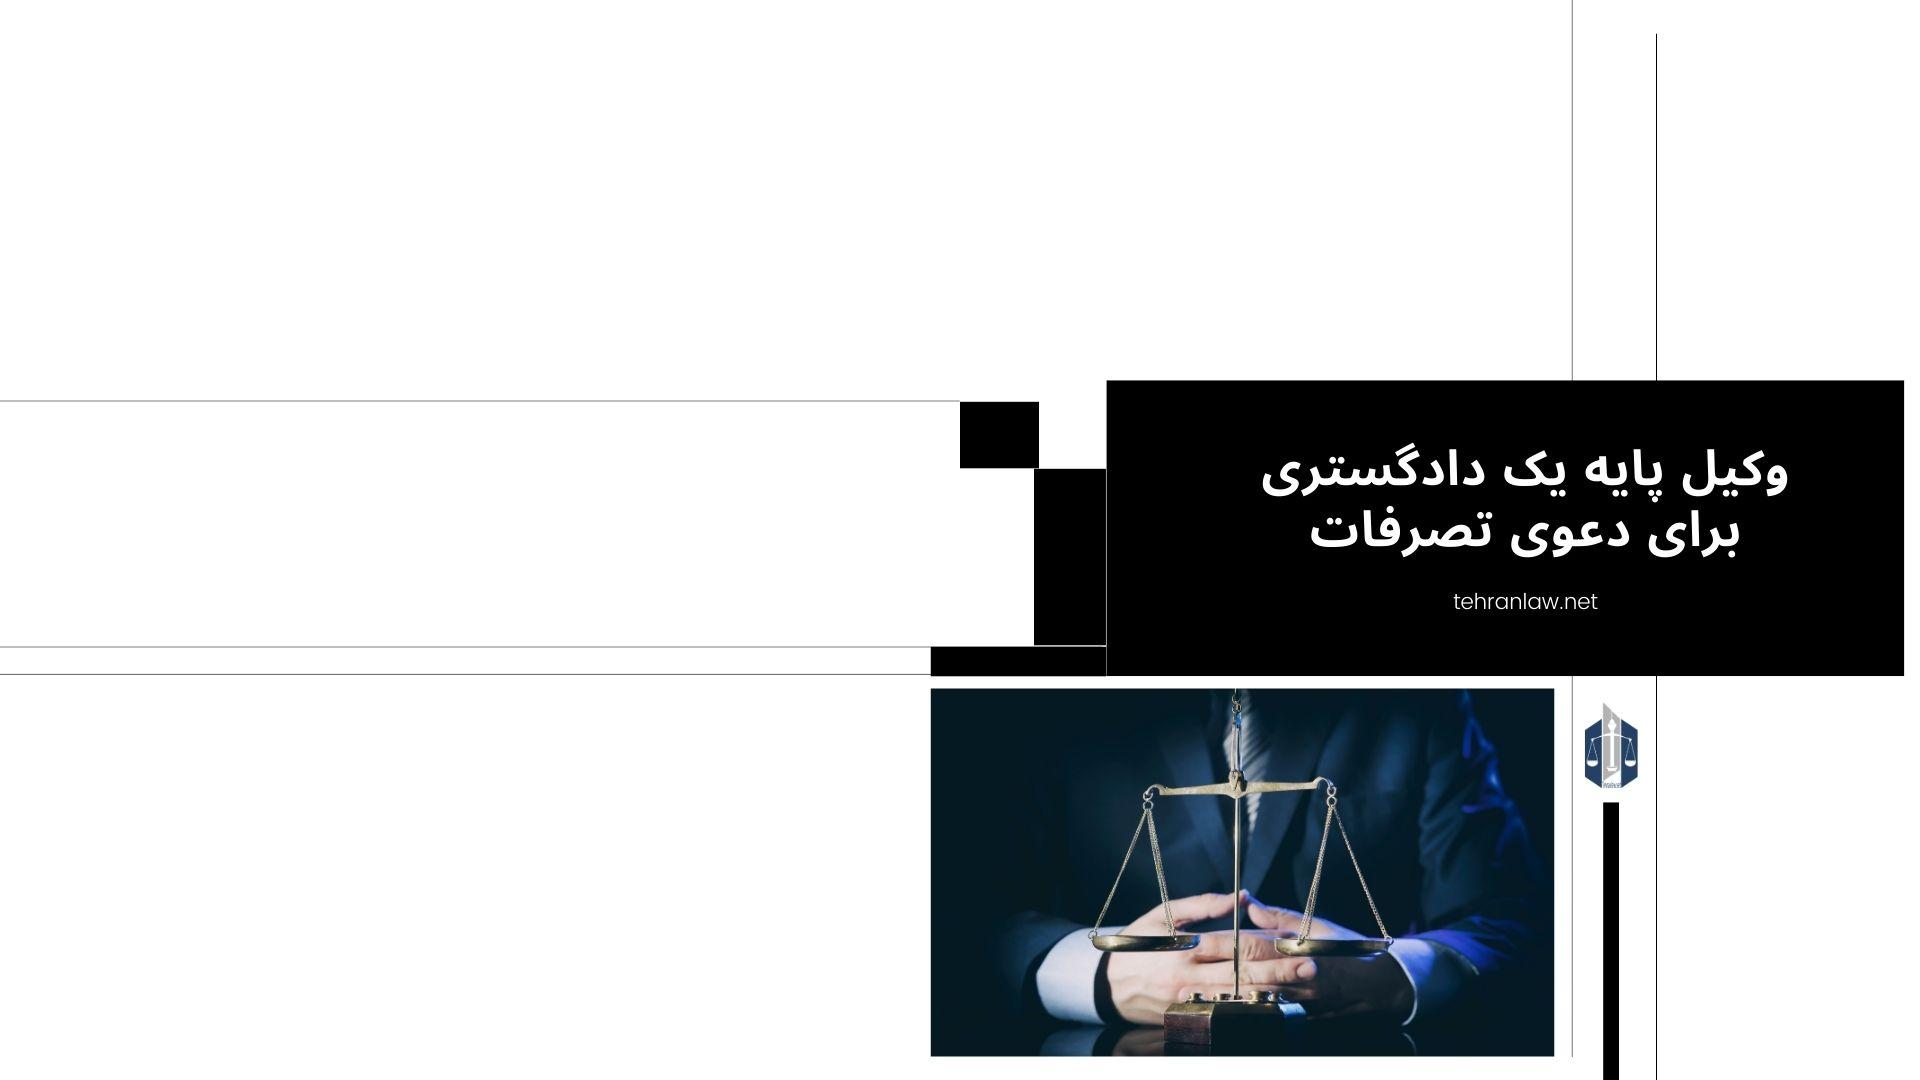 وکیل پایه یک دادگستری برای دعوی تصرفات